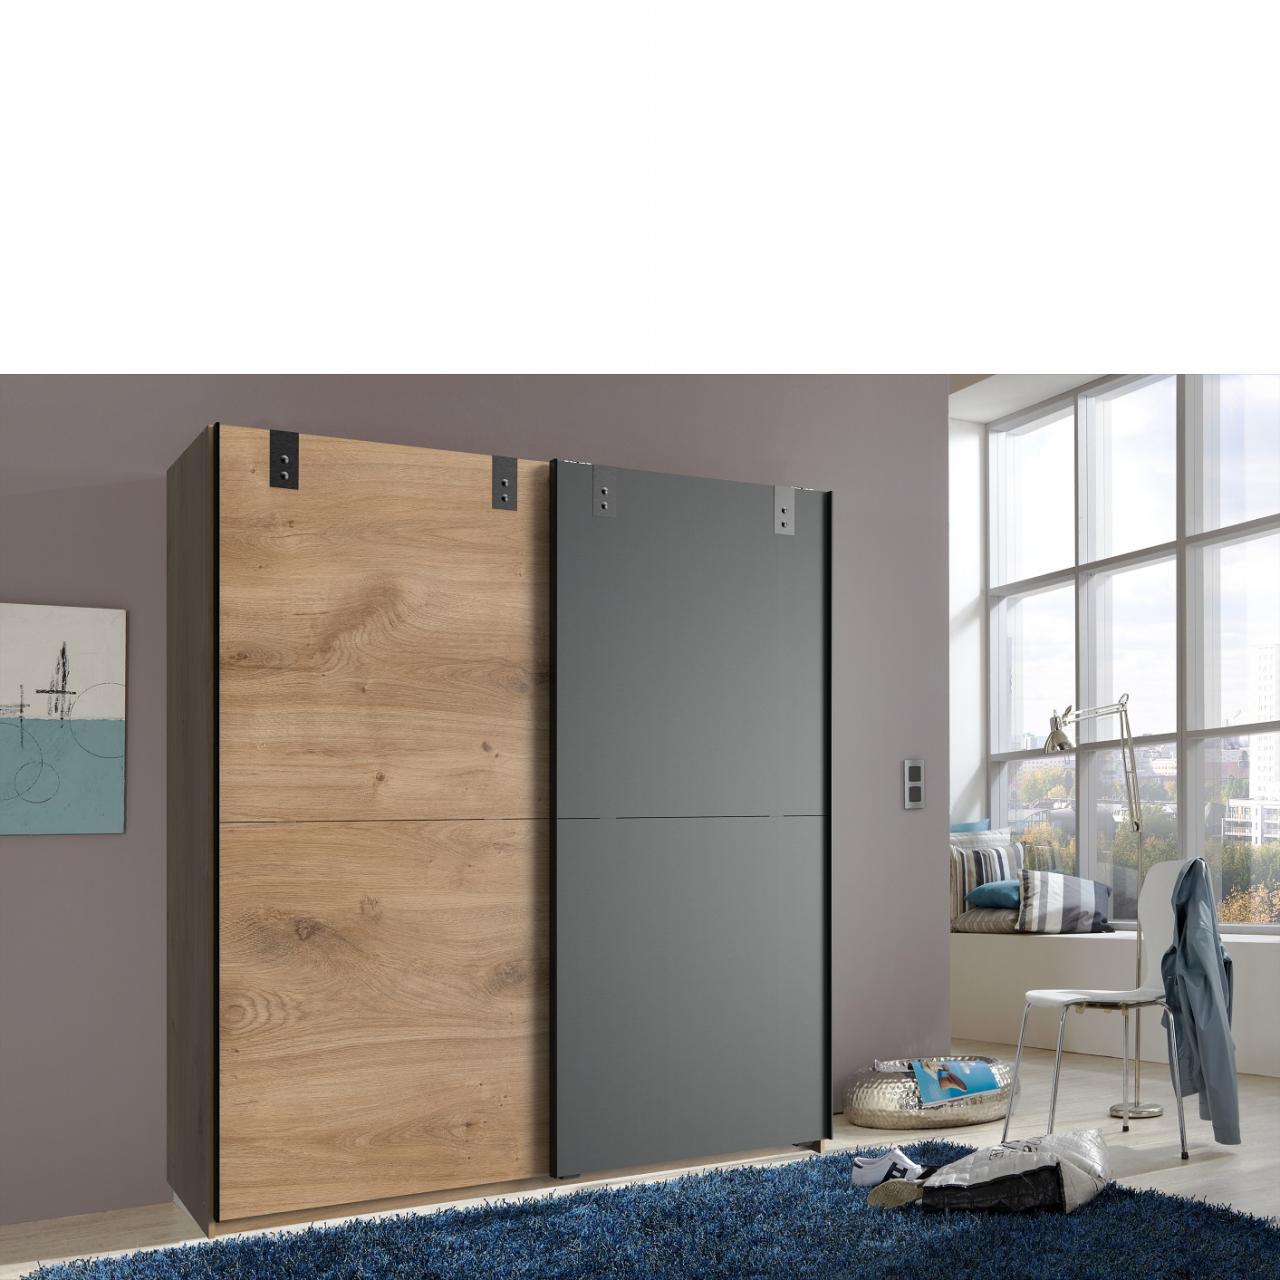 Full Size of Schwebetrenschrank Cardiff Schlafzimmer Schrank Kleiderschrank Günstige Komplett Lampen Vorhänge Bad Spiegelschrank Eckschrank Hängeschrank Küche Schlafzimmer Schrank Schlafzimmer